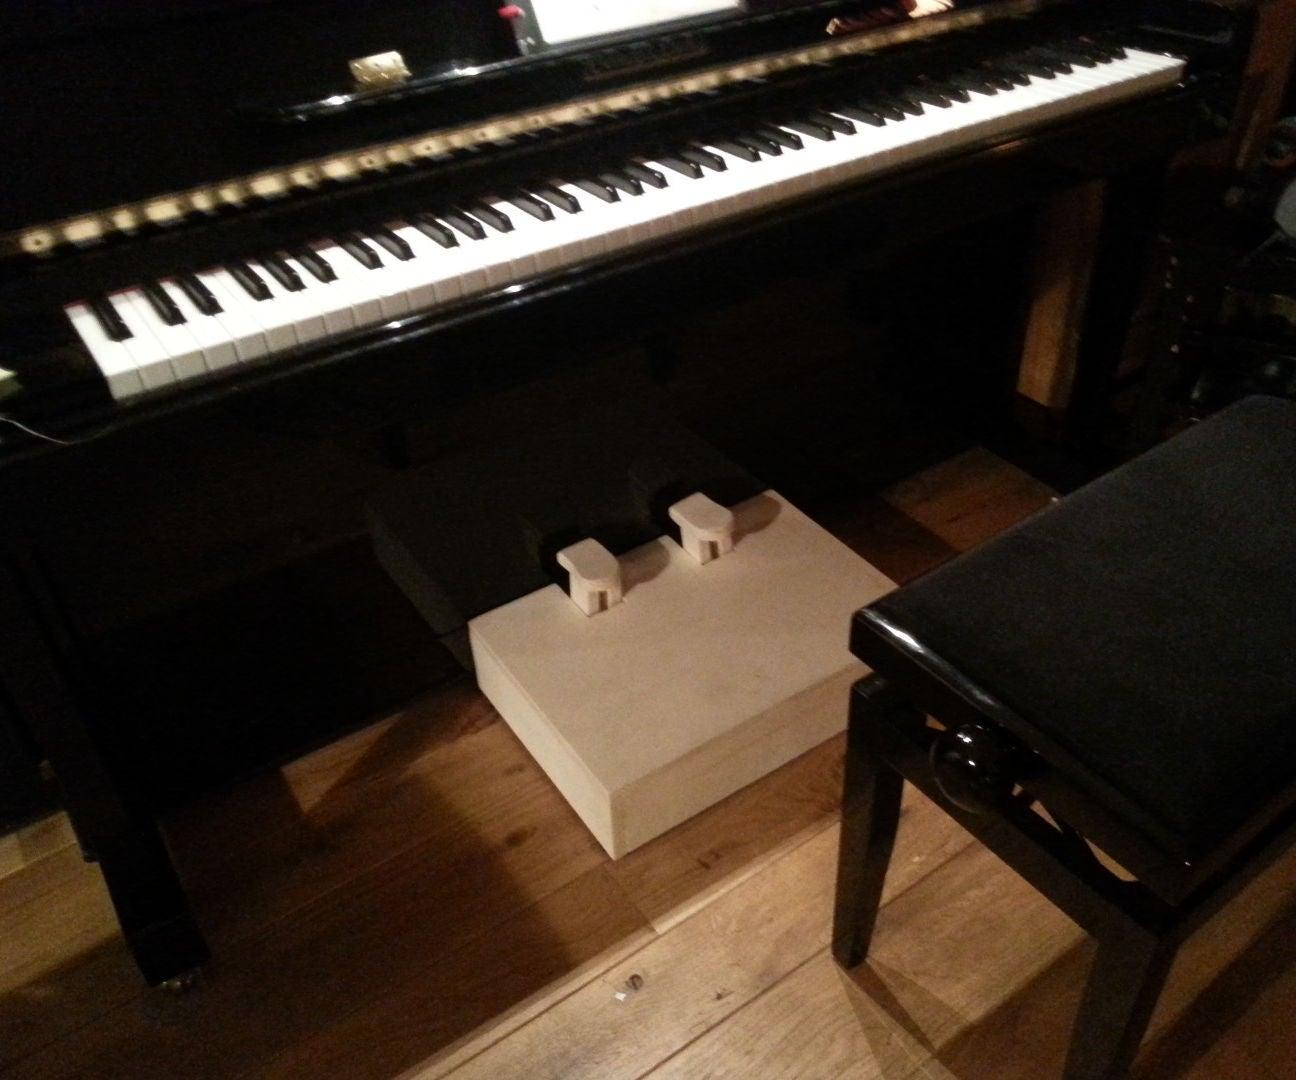 Kinder Klavierpedal Extender mit 3 Pedalen Sustainpedal für Klavier Digitalpiano